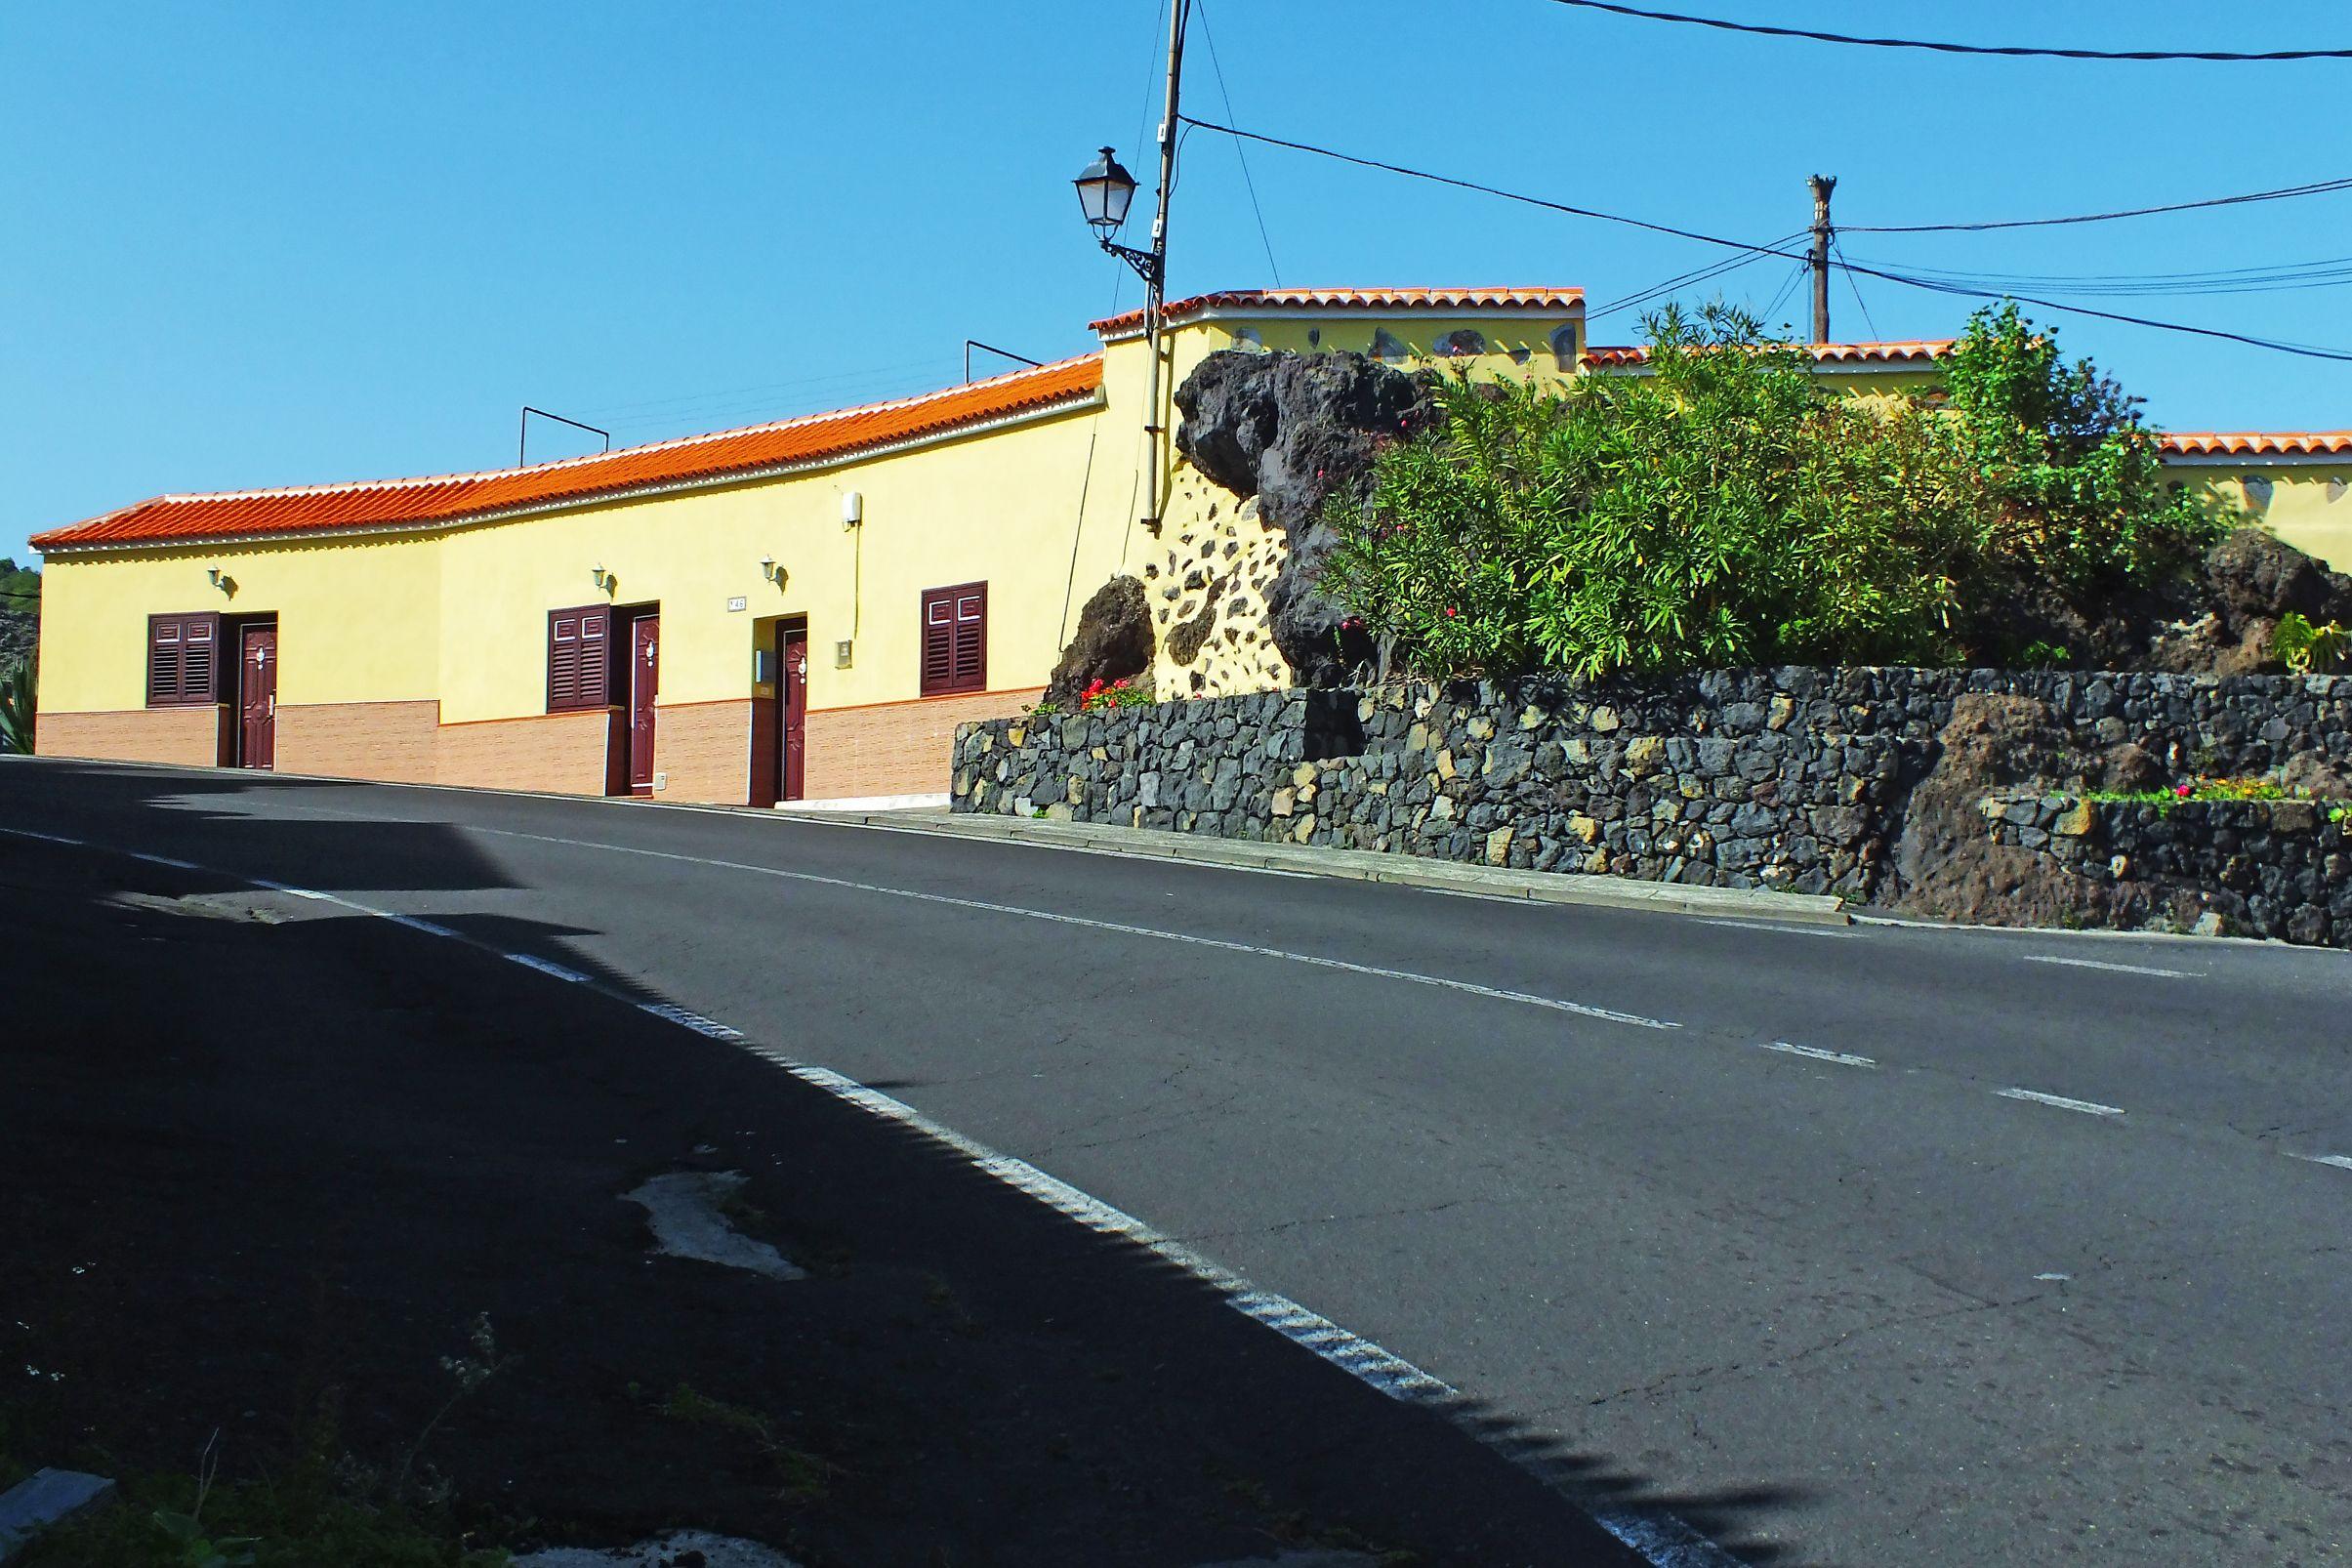 El Tanque. Tenerife. Islas Canarias. Spain.   [By Valentin Enrique].